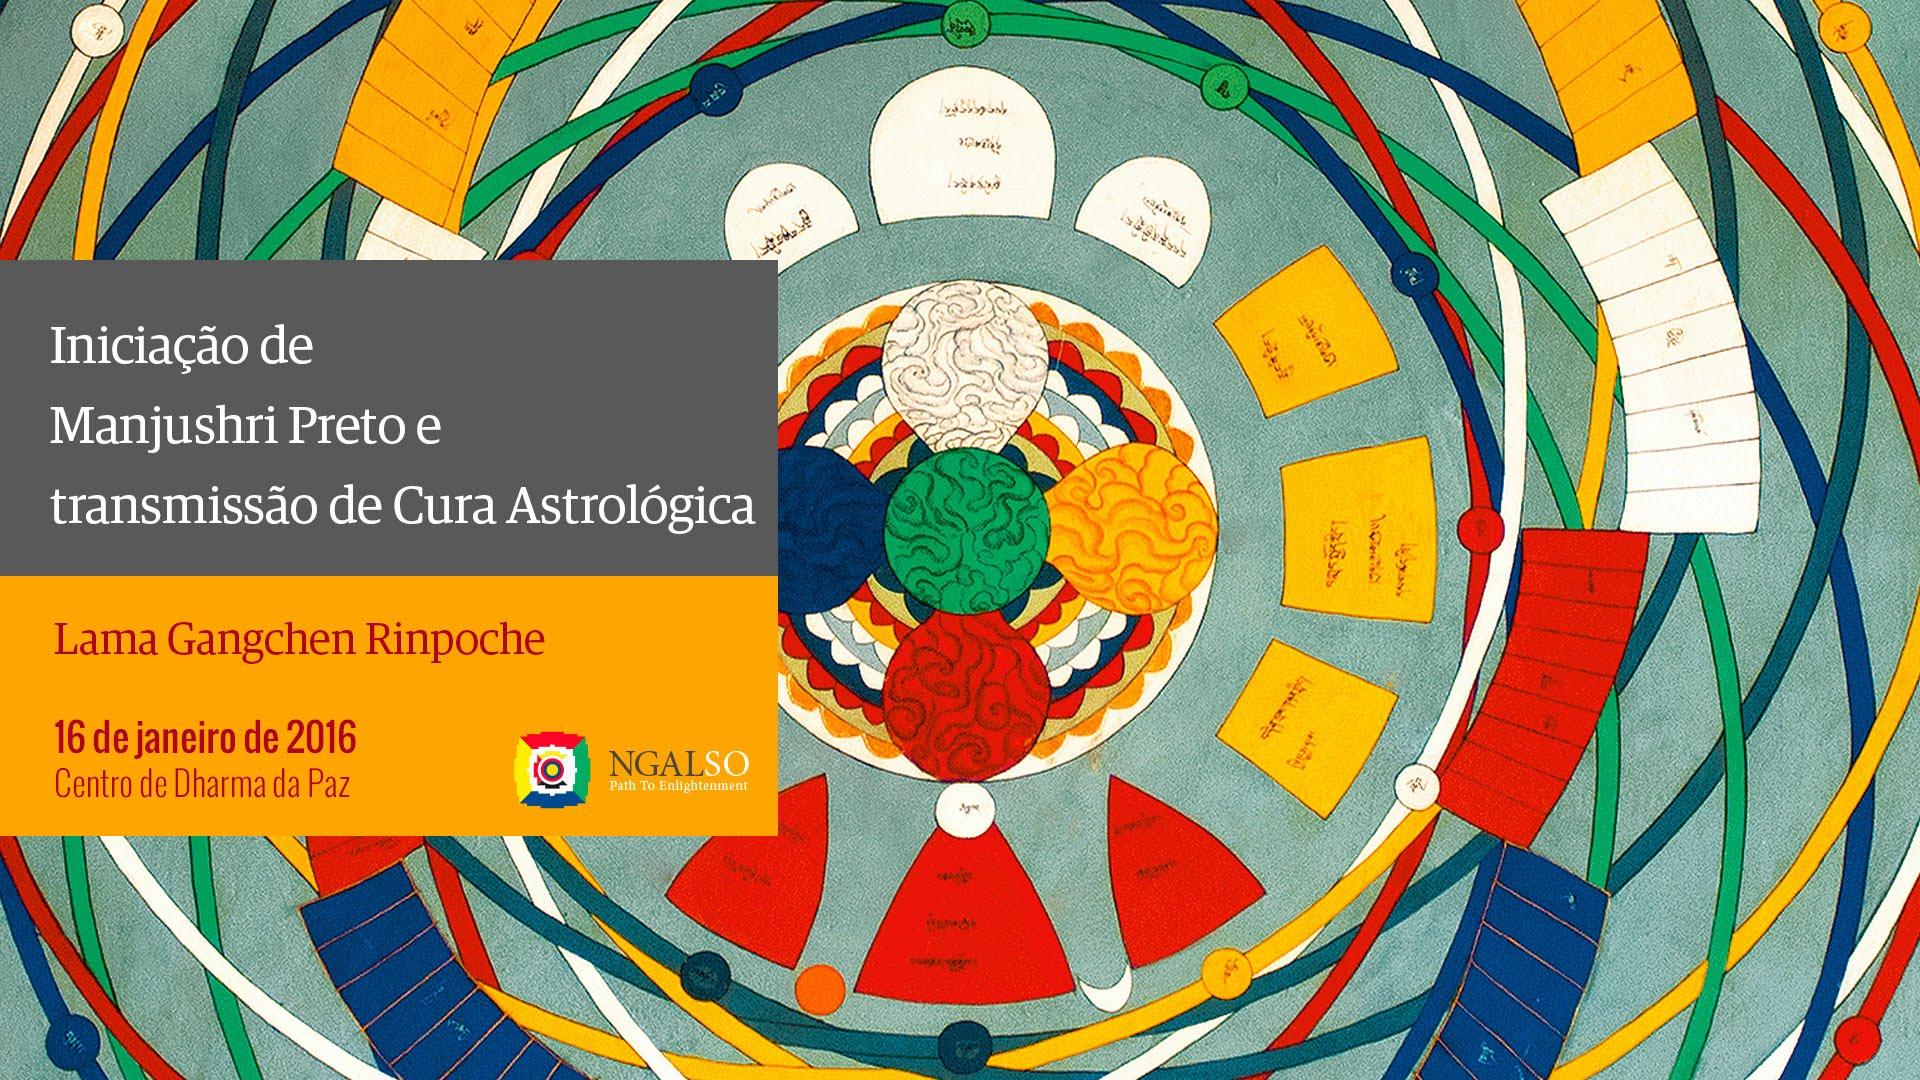 Transmissão de Cura Astrológica e Iniciação de Manjushri Preto